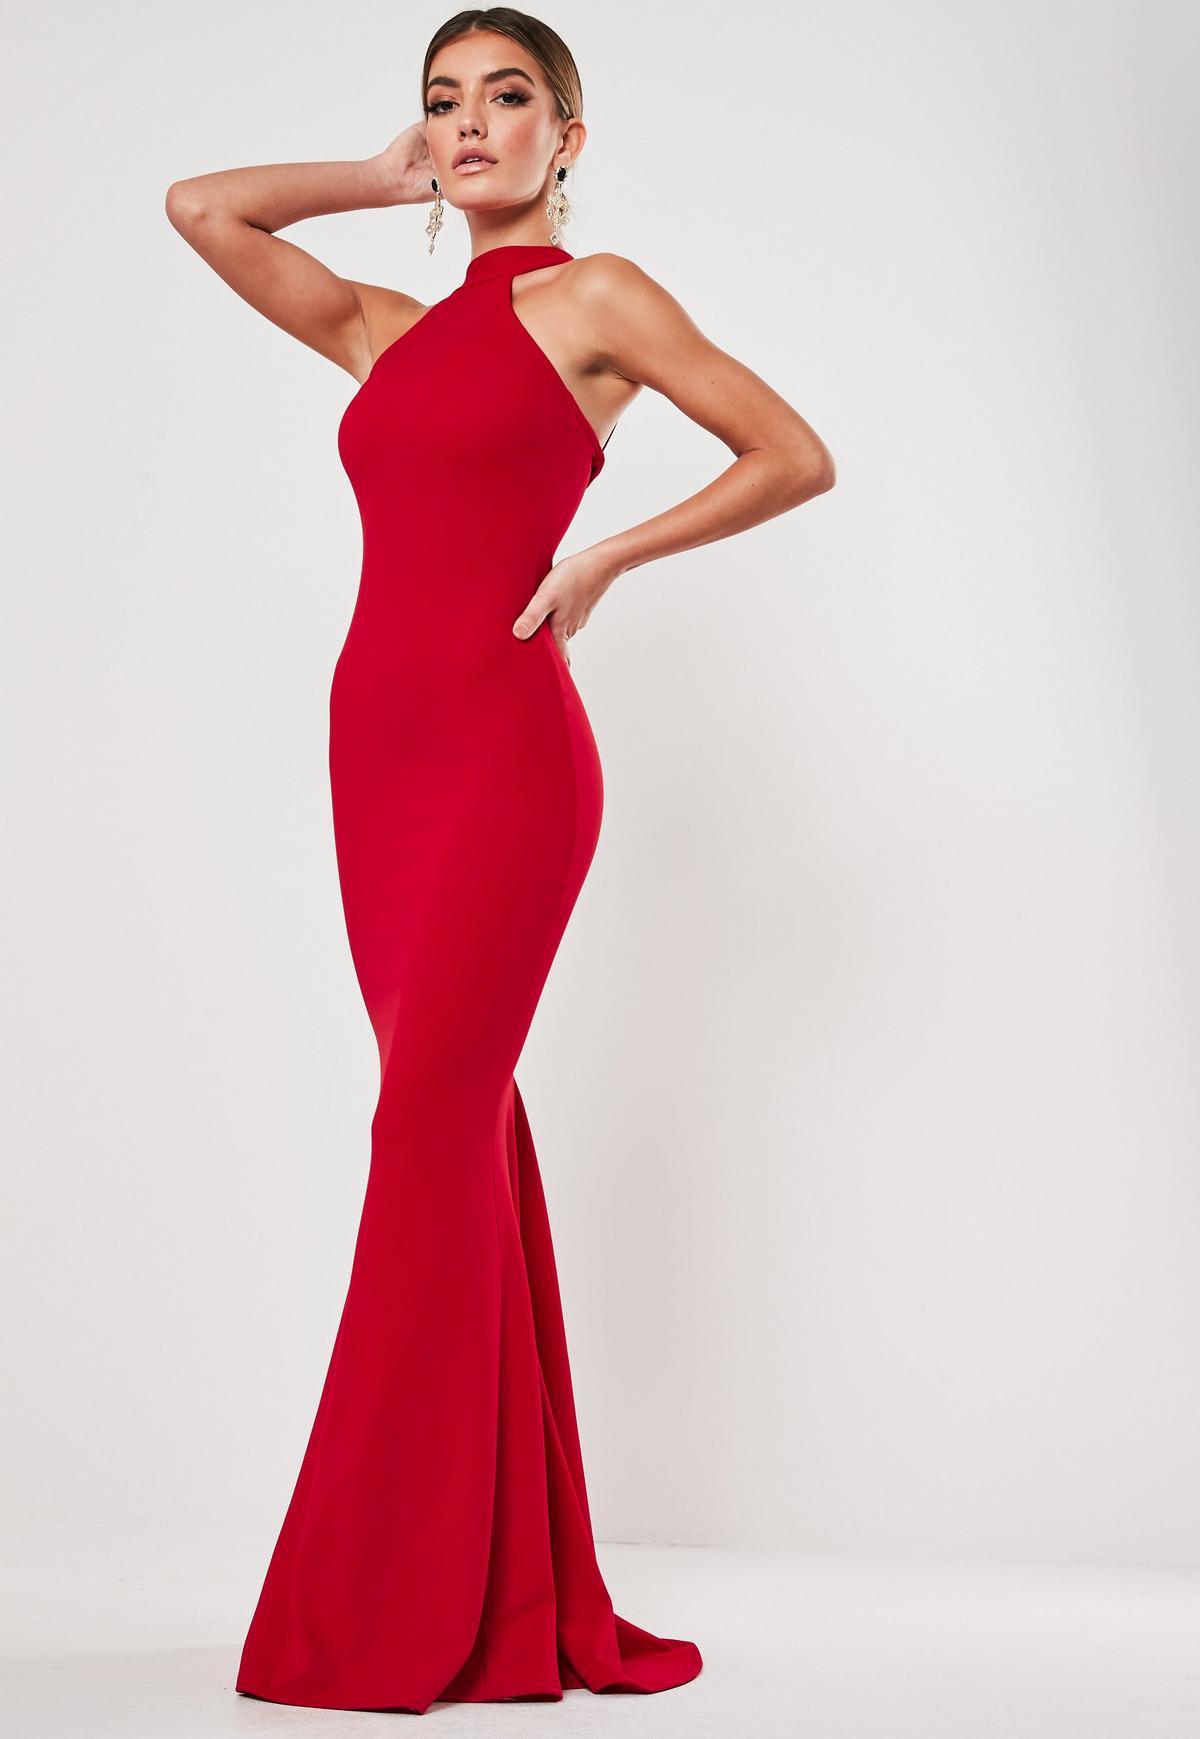 Red High Neck Maxi Dress